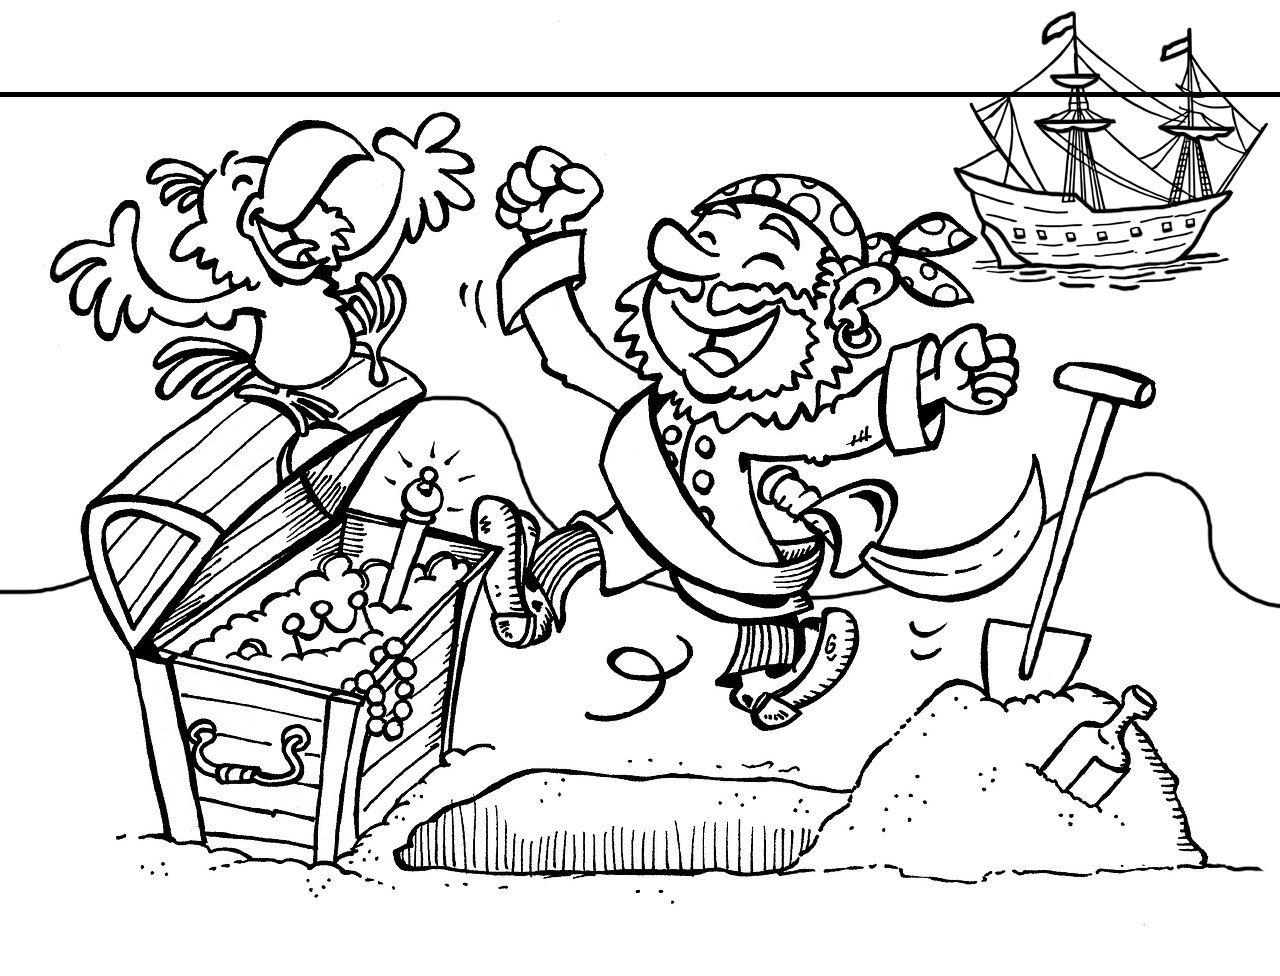 Deze Piraat Heeft Een Schat Gevonden Een Grote Schatkist Vol Met Goud En Zilver Kleur Jij Deze Piraten Kleurplaat In Piraten Kinderkleurplaten Piratenschat